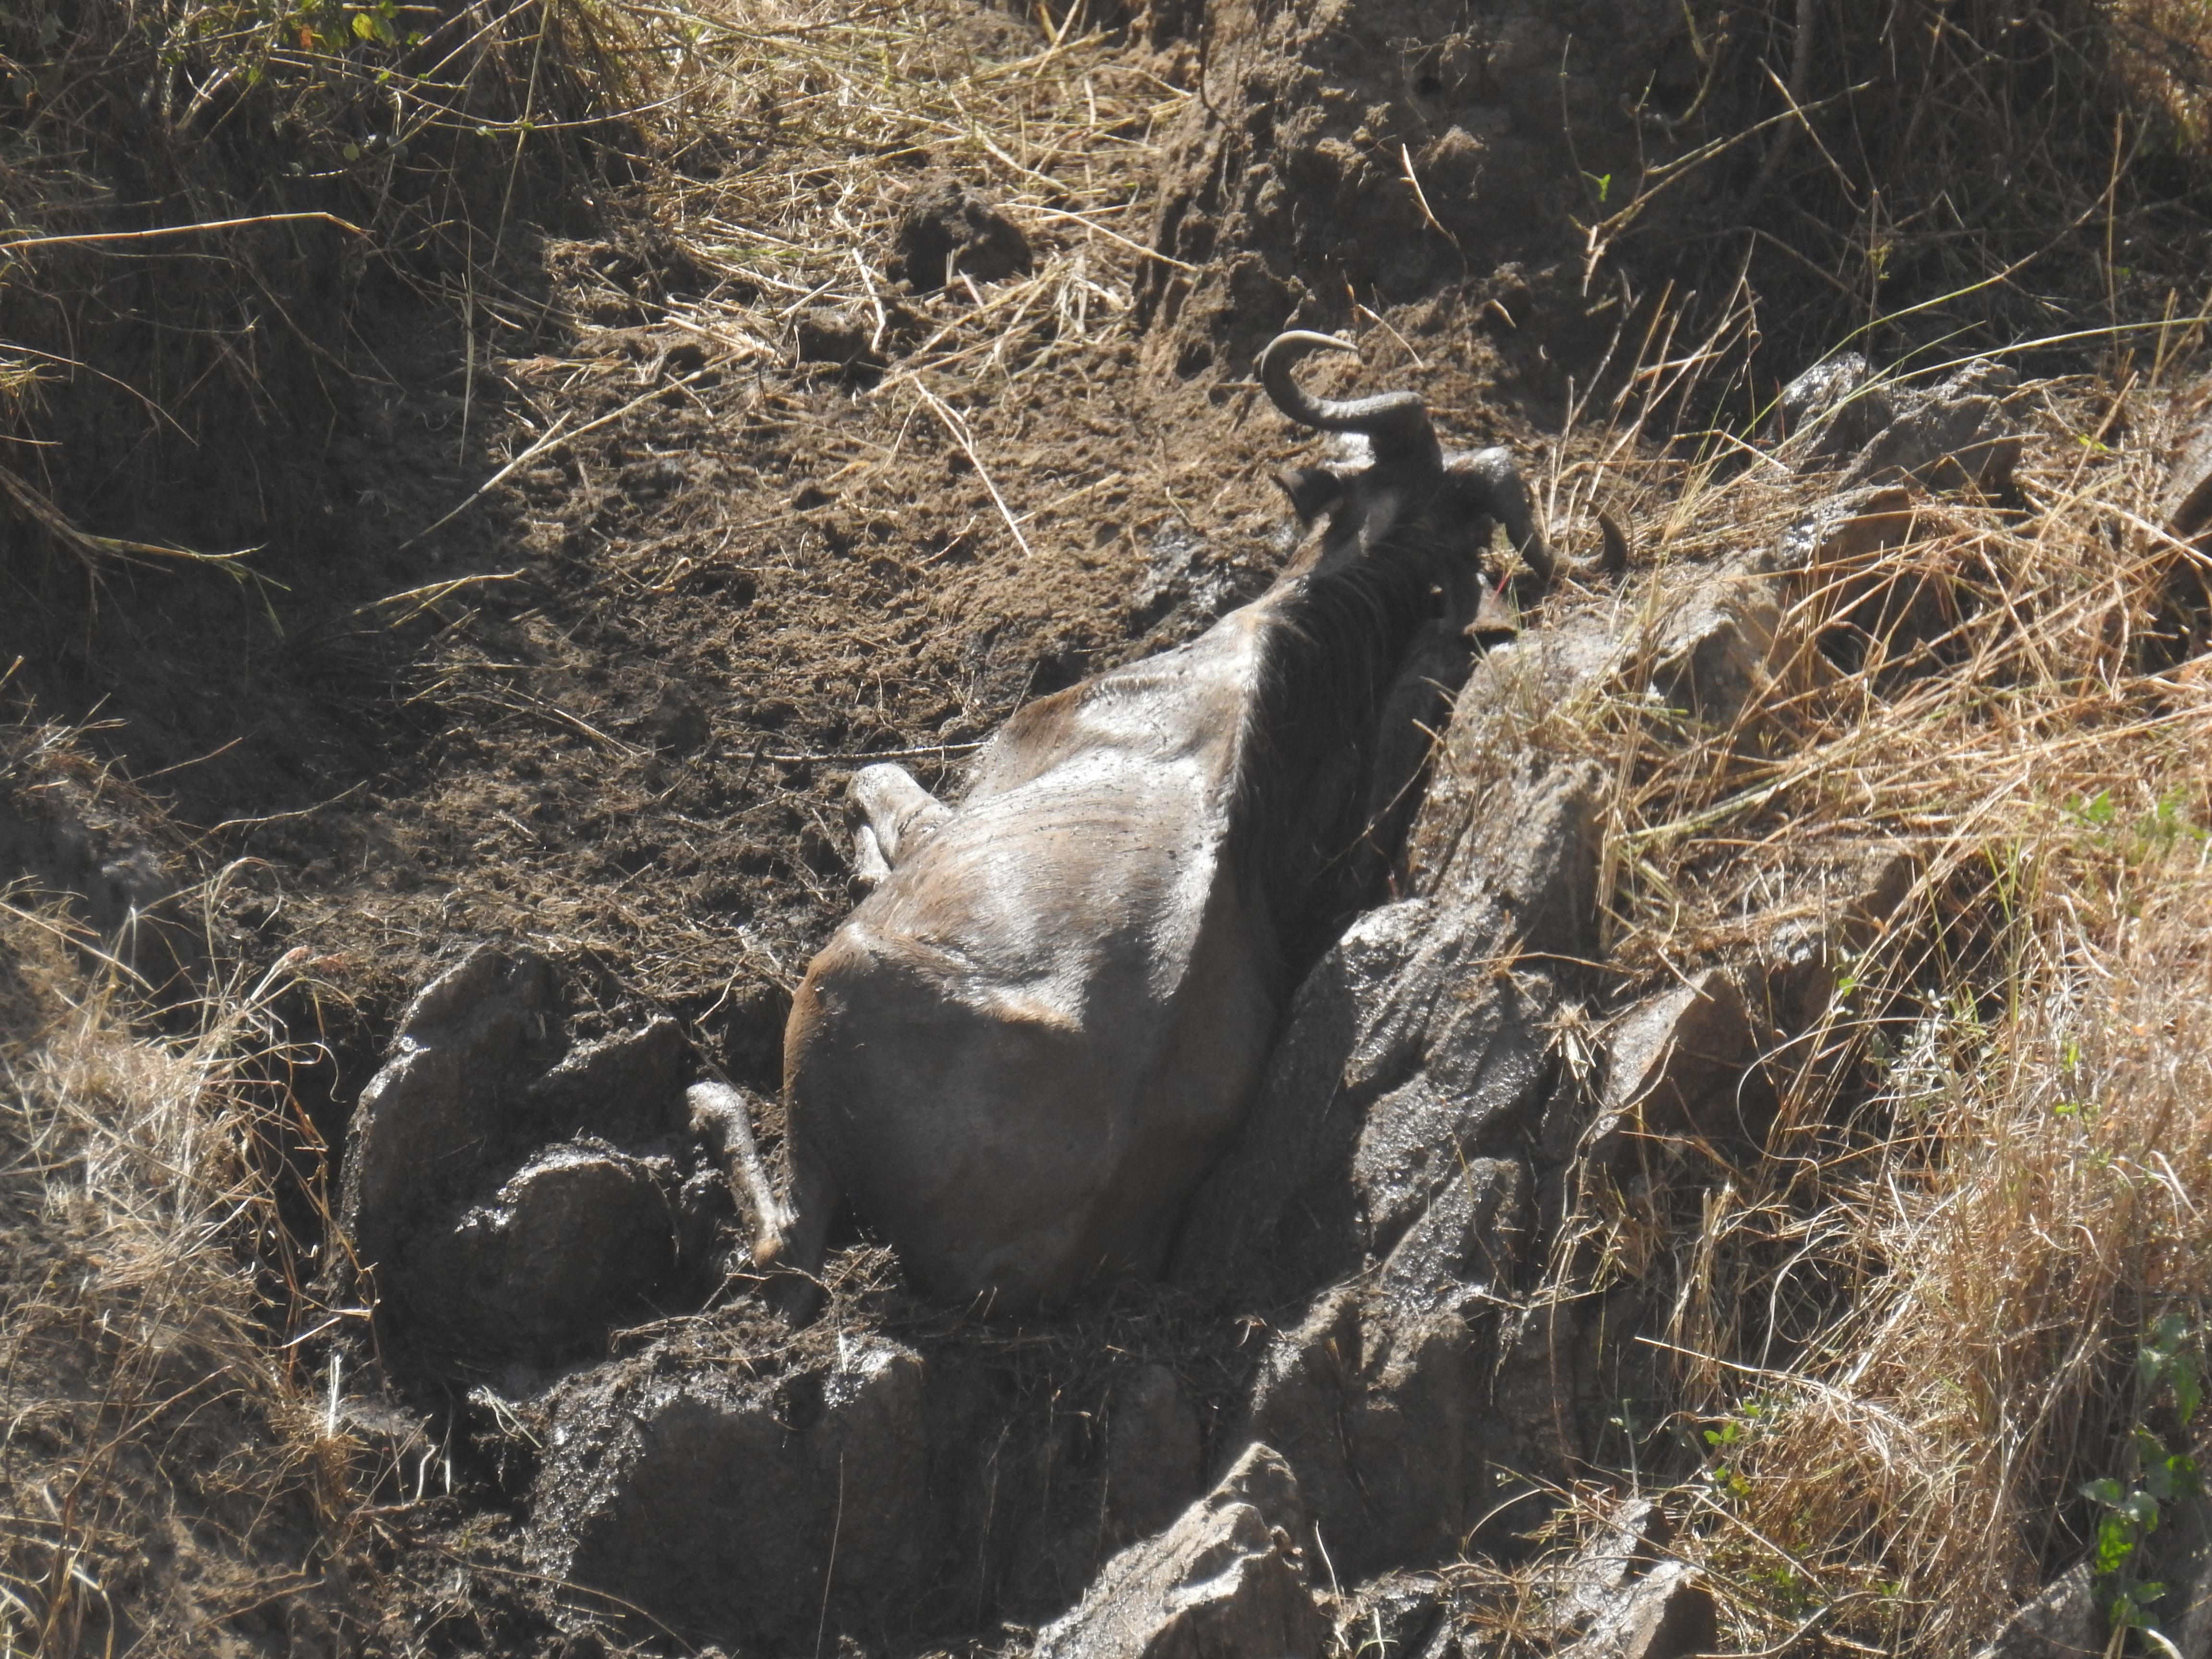 4_injured_wildebeest-1.jpg